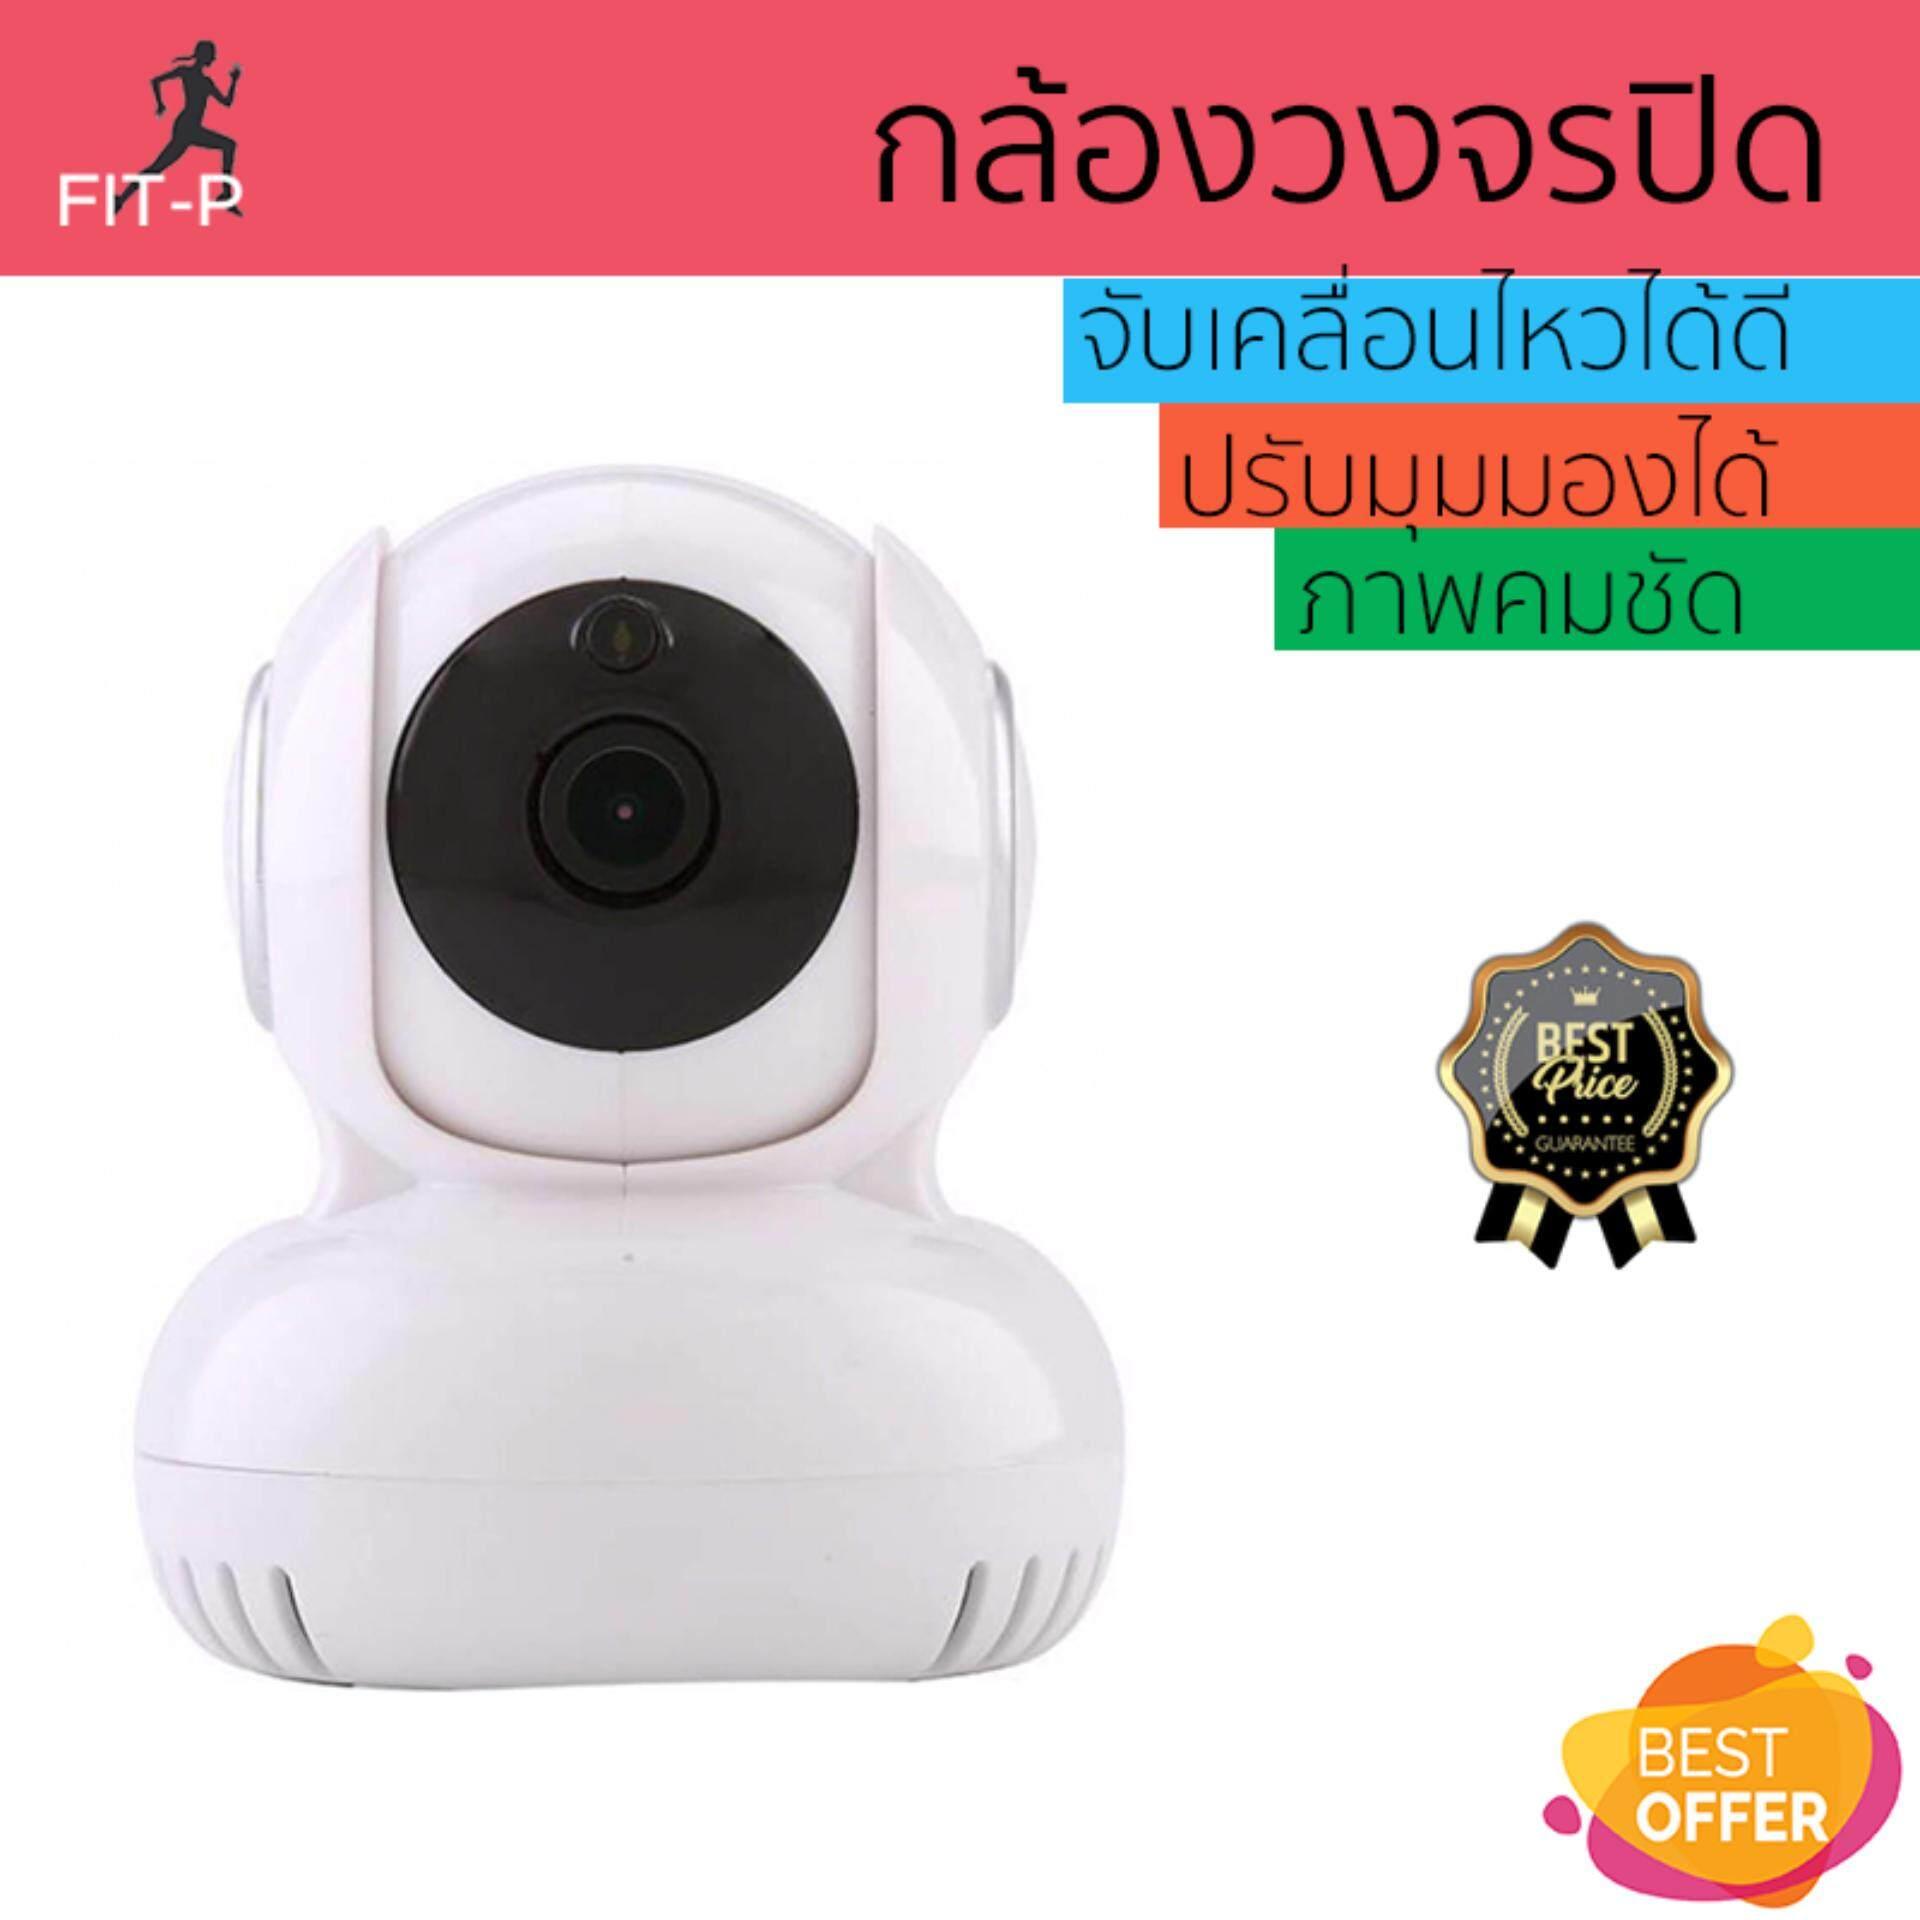 ลดสุดๆ โปรโมชัน กล้องวงจรปิด           LIFESMART กล้องวงจรปิด รุ่น SMARTHOME LS078             ภาพคมชัด ปรับมุมมองได้ กล้อง IP Camera รับประกันสินค้า 1 ปี จัดส่งฟรี Kerry ทั่วประเทศ